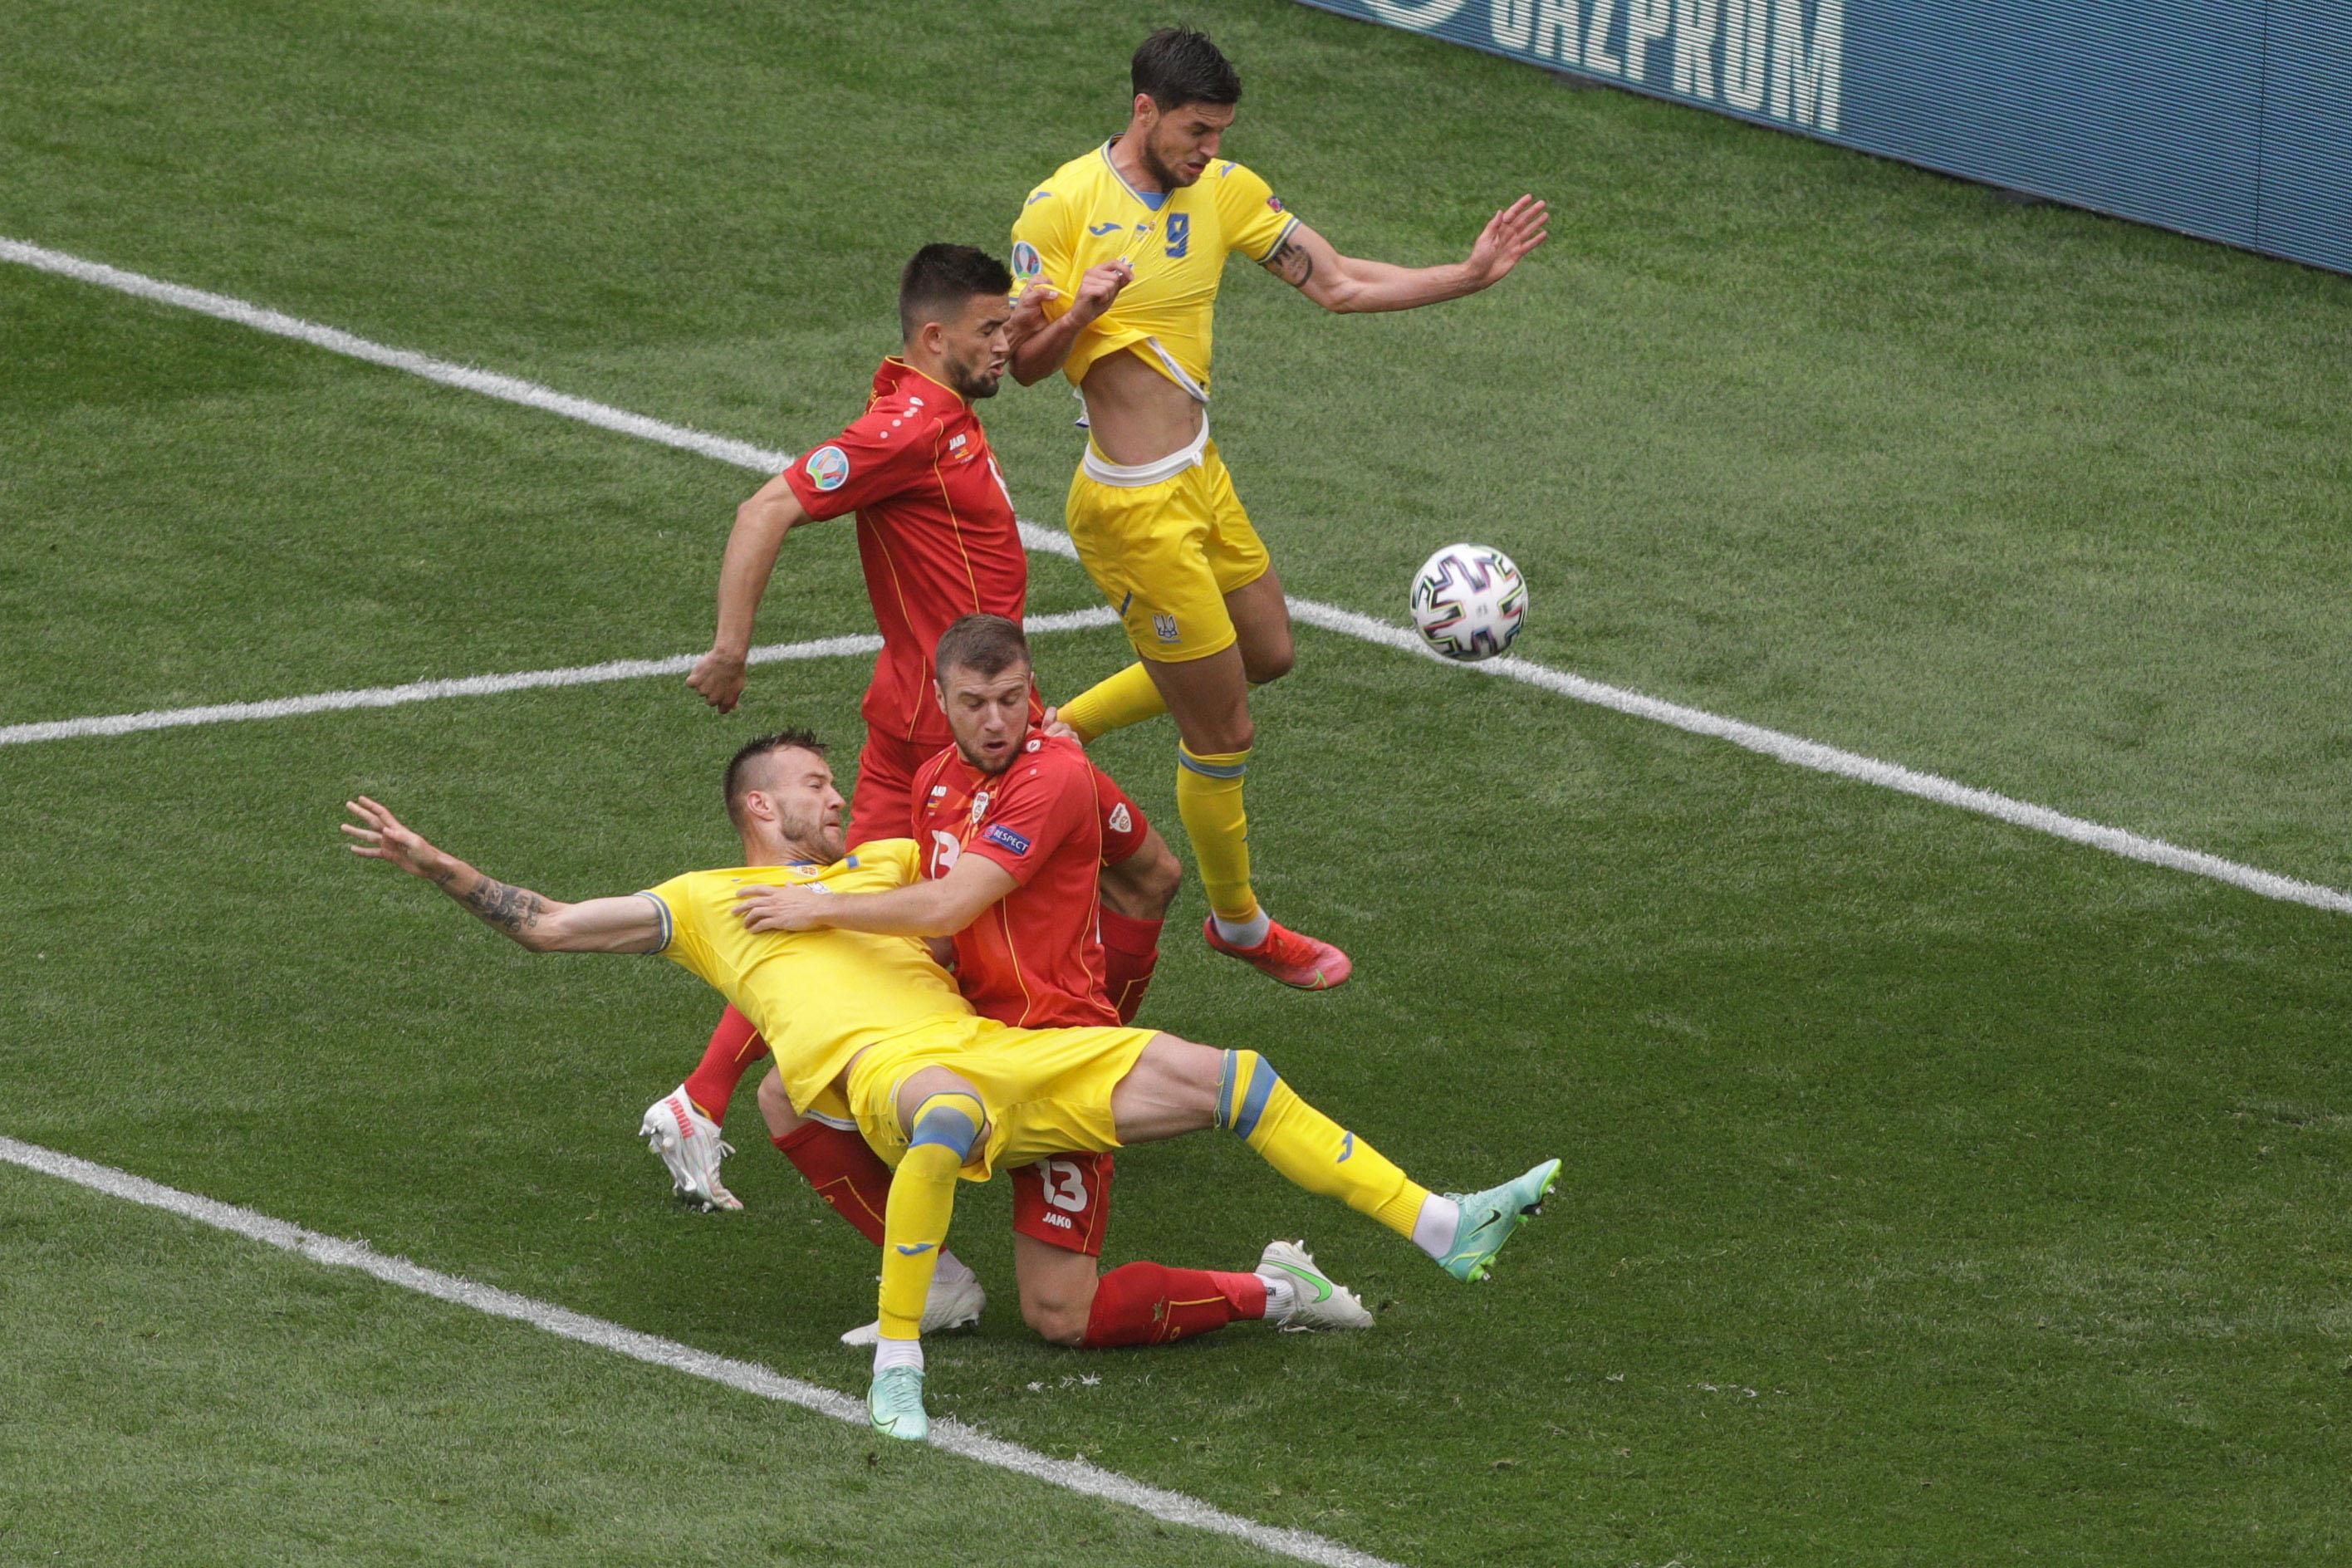 Ucraina 2 - 1 Macedonia de Nord, pe Arena Națională. Malinovskyi putea face 3-1, însă a ratat de la punctul cu var